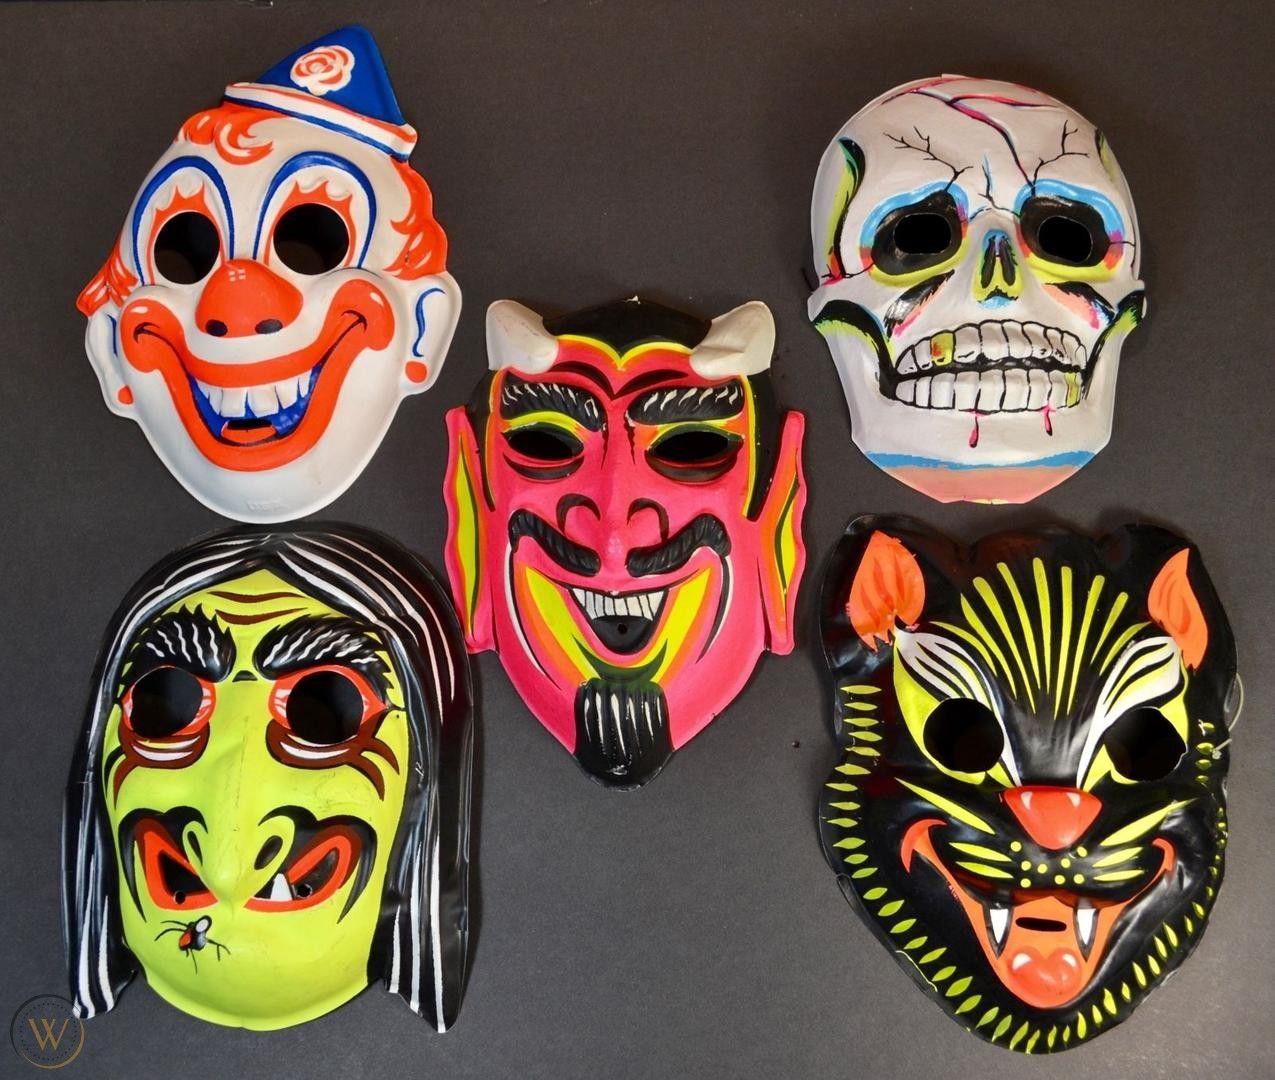 Vintage Halloween Masks.jpg